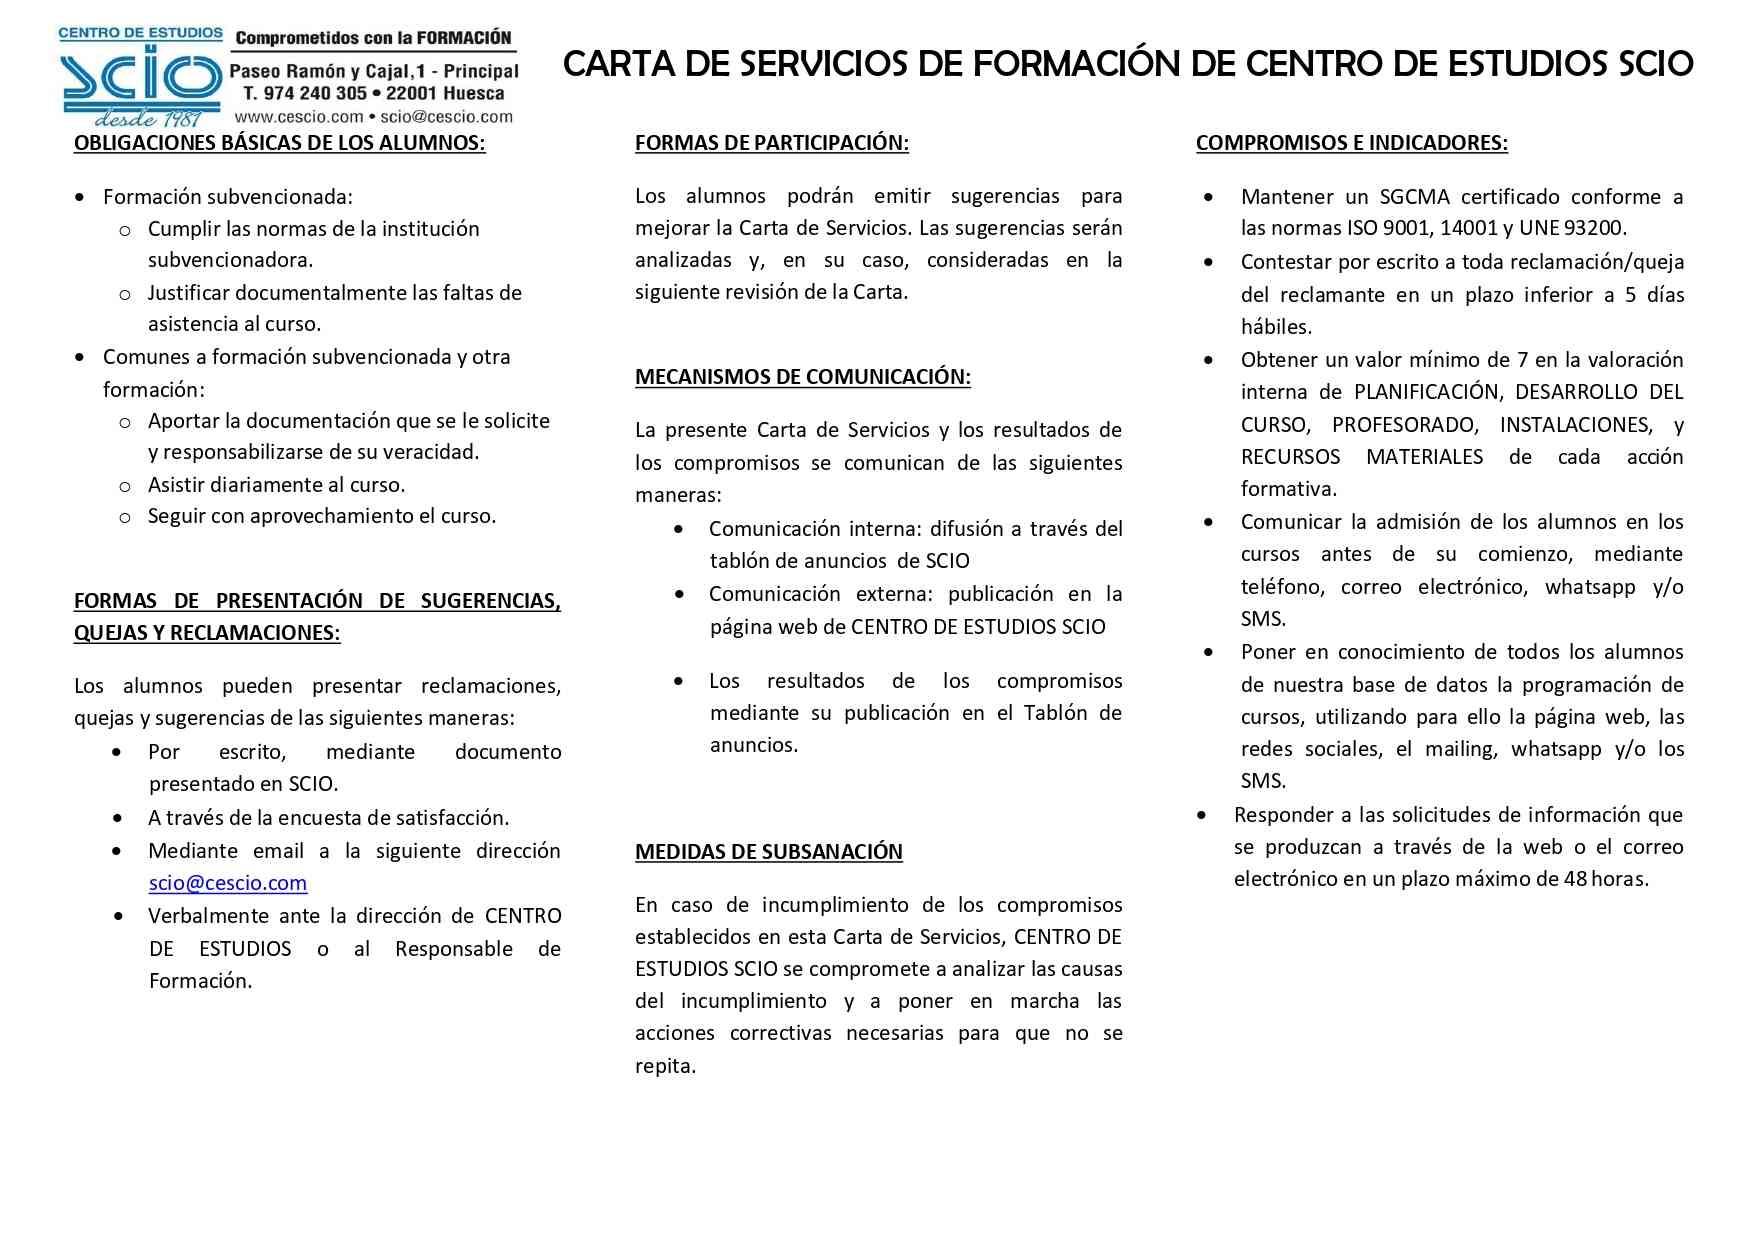 3 CARTA DE SERVICIOS FORMACION SCIO 0002